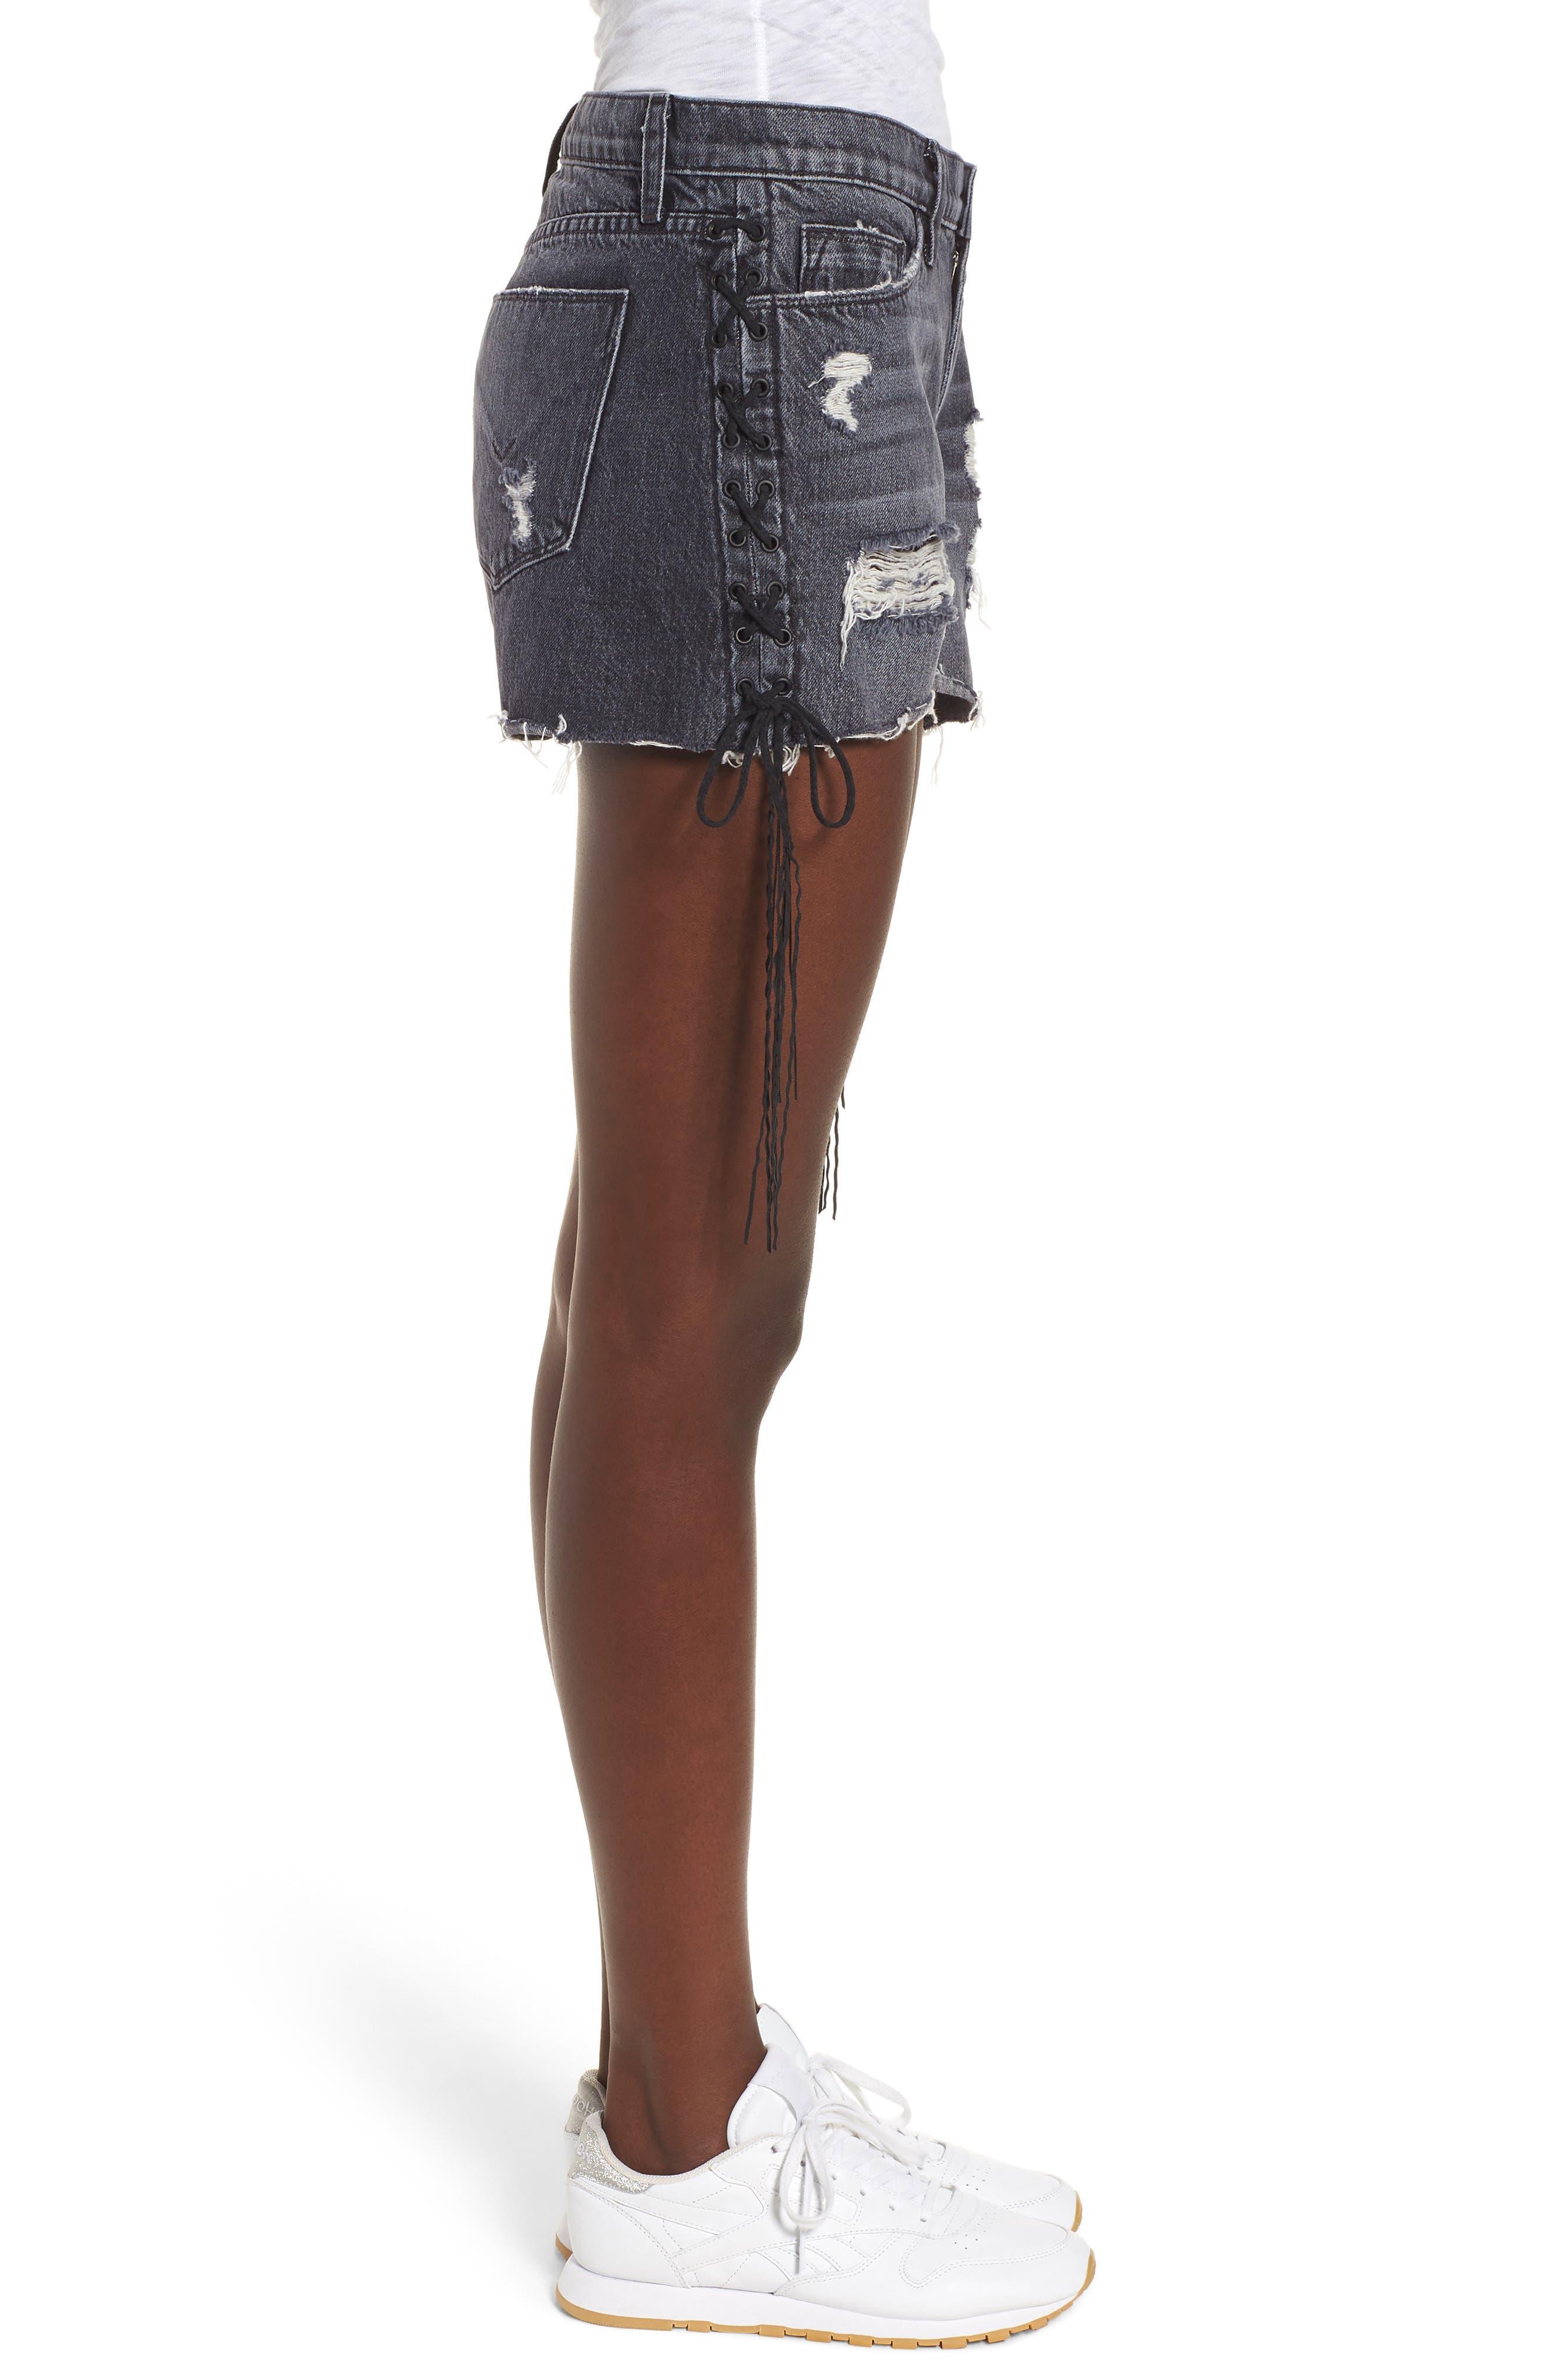 Sade Lace-Up Cutoff Denim Shorts,                             Alternate thumbnail 3, color,                             001